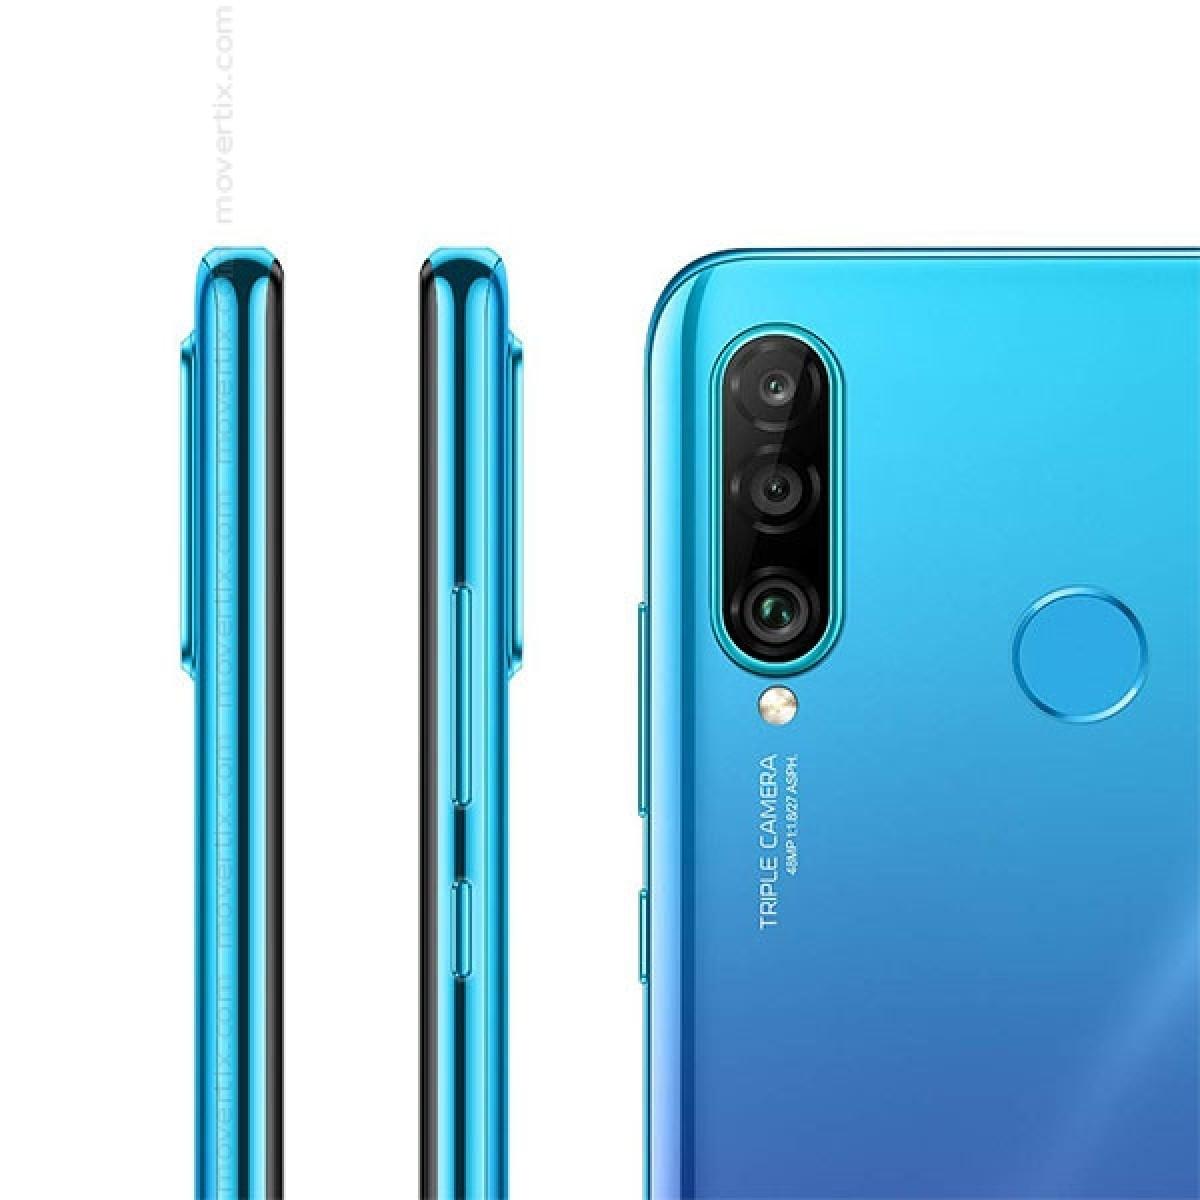 Huawei P30 Lite Dual SIM Peacock Blue 128GB and 4GB RAM (MAR-LX1A)